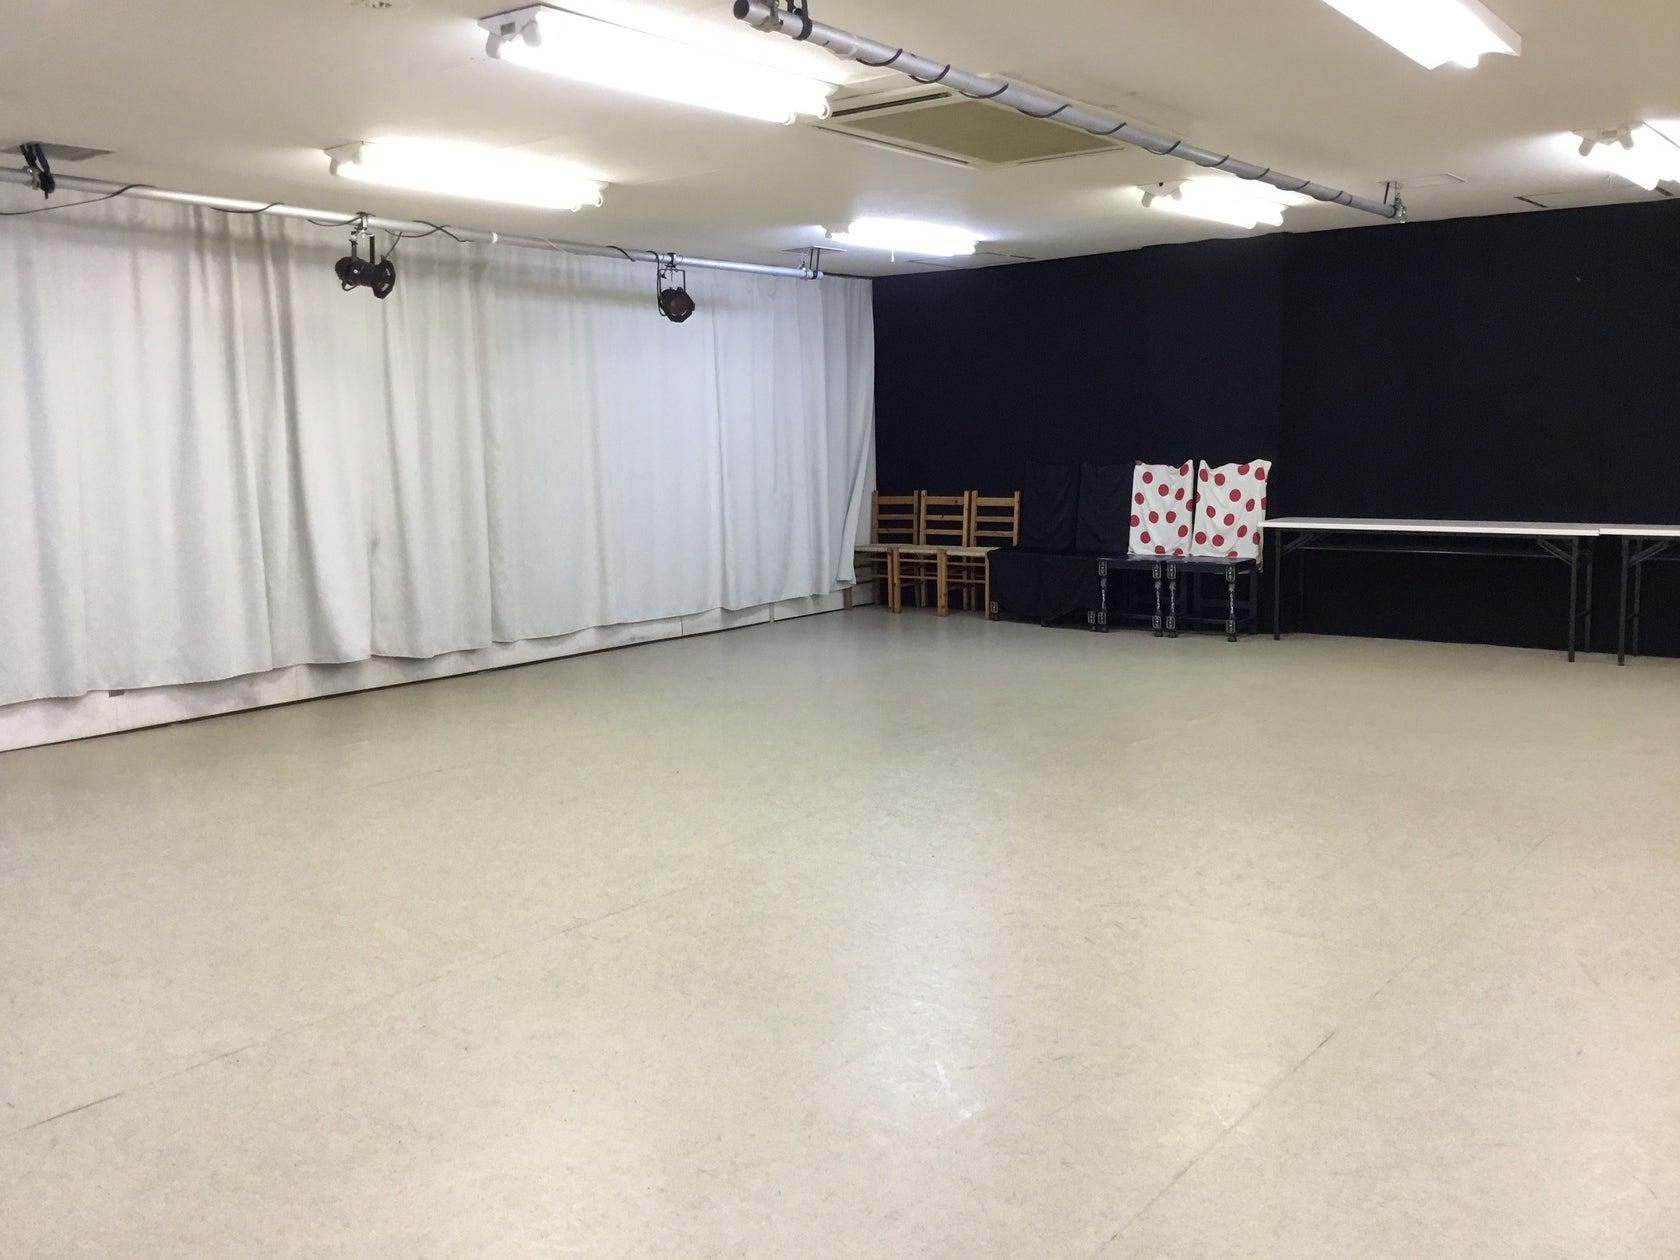 【新所沢駅前】鏡多数で劇場用・舞台稽古もできる広いダンススタジオ!(【新所沢駅前】鏡多数で劇場用・舞台稽古もできる広いダンススタジオ!) の写真0